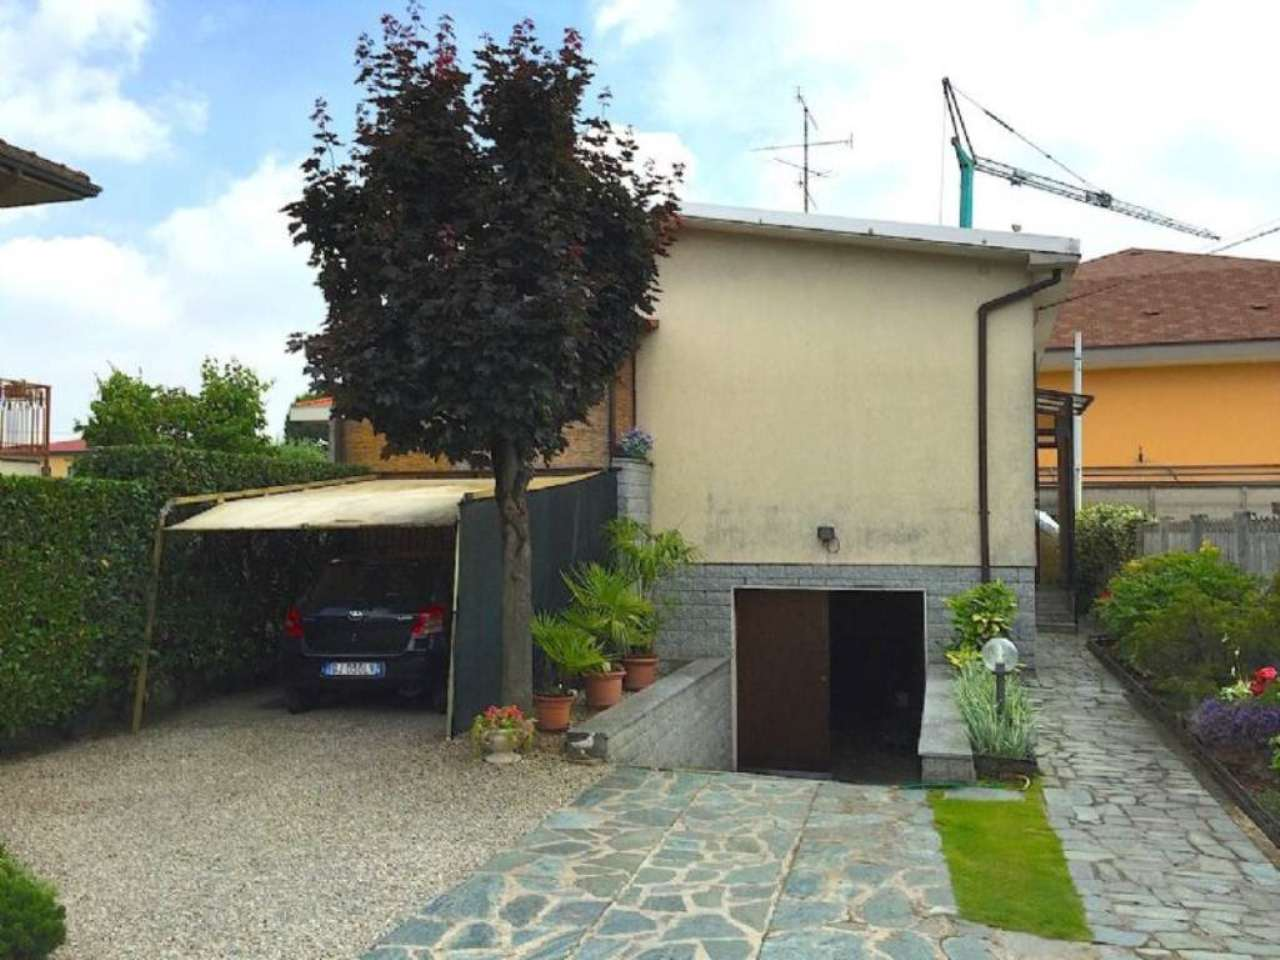 Soluzione Indipendente in vendita a Busto Arsizio, 3 locali, prezzo € 230.000 | Cambio Casa.it